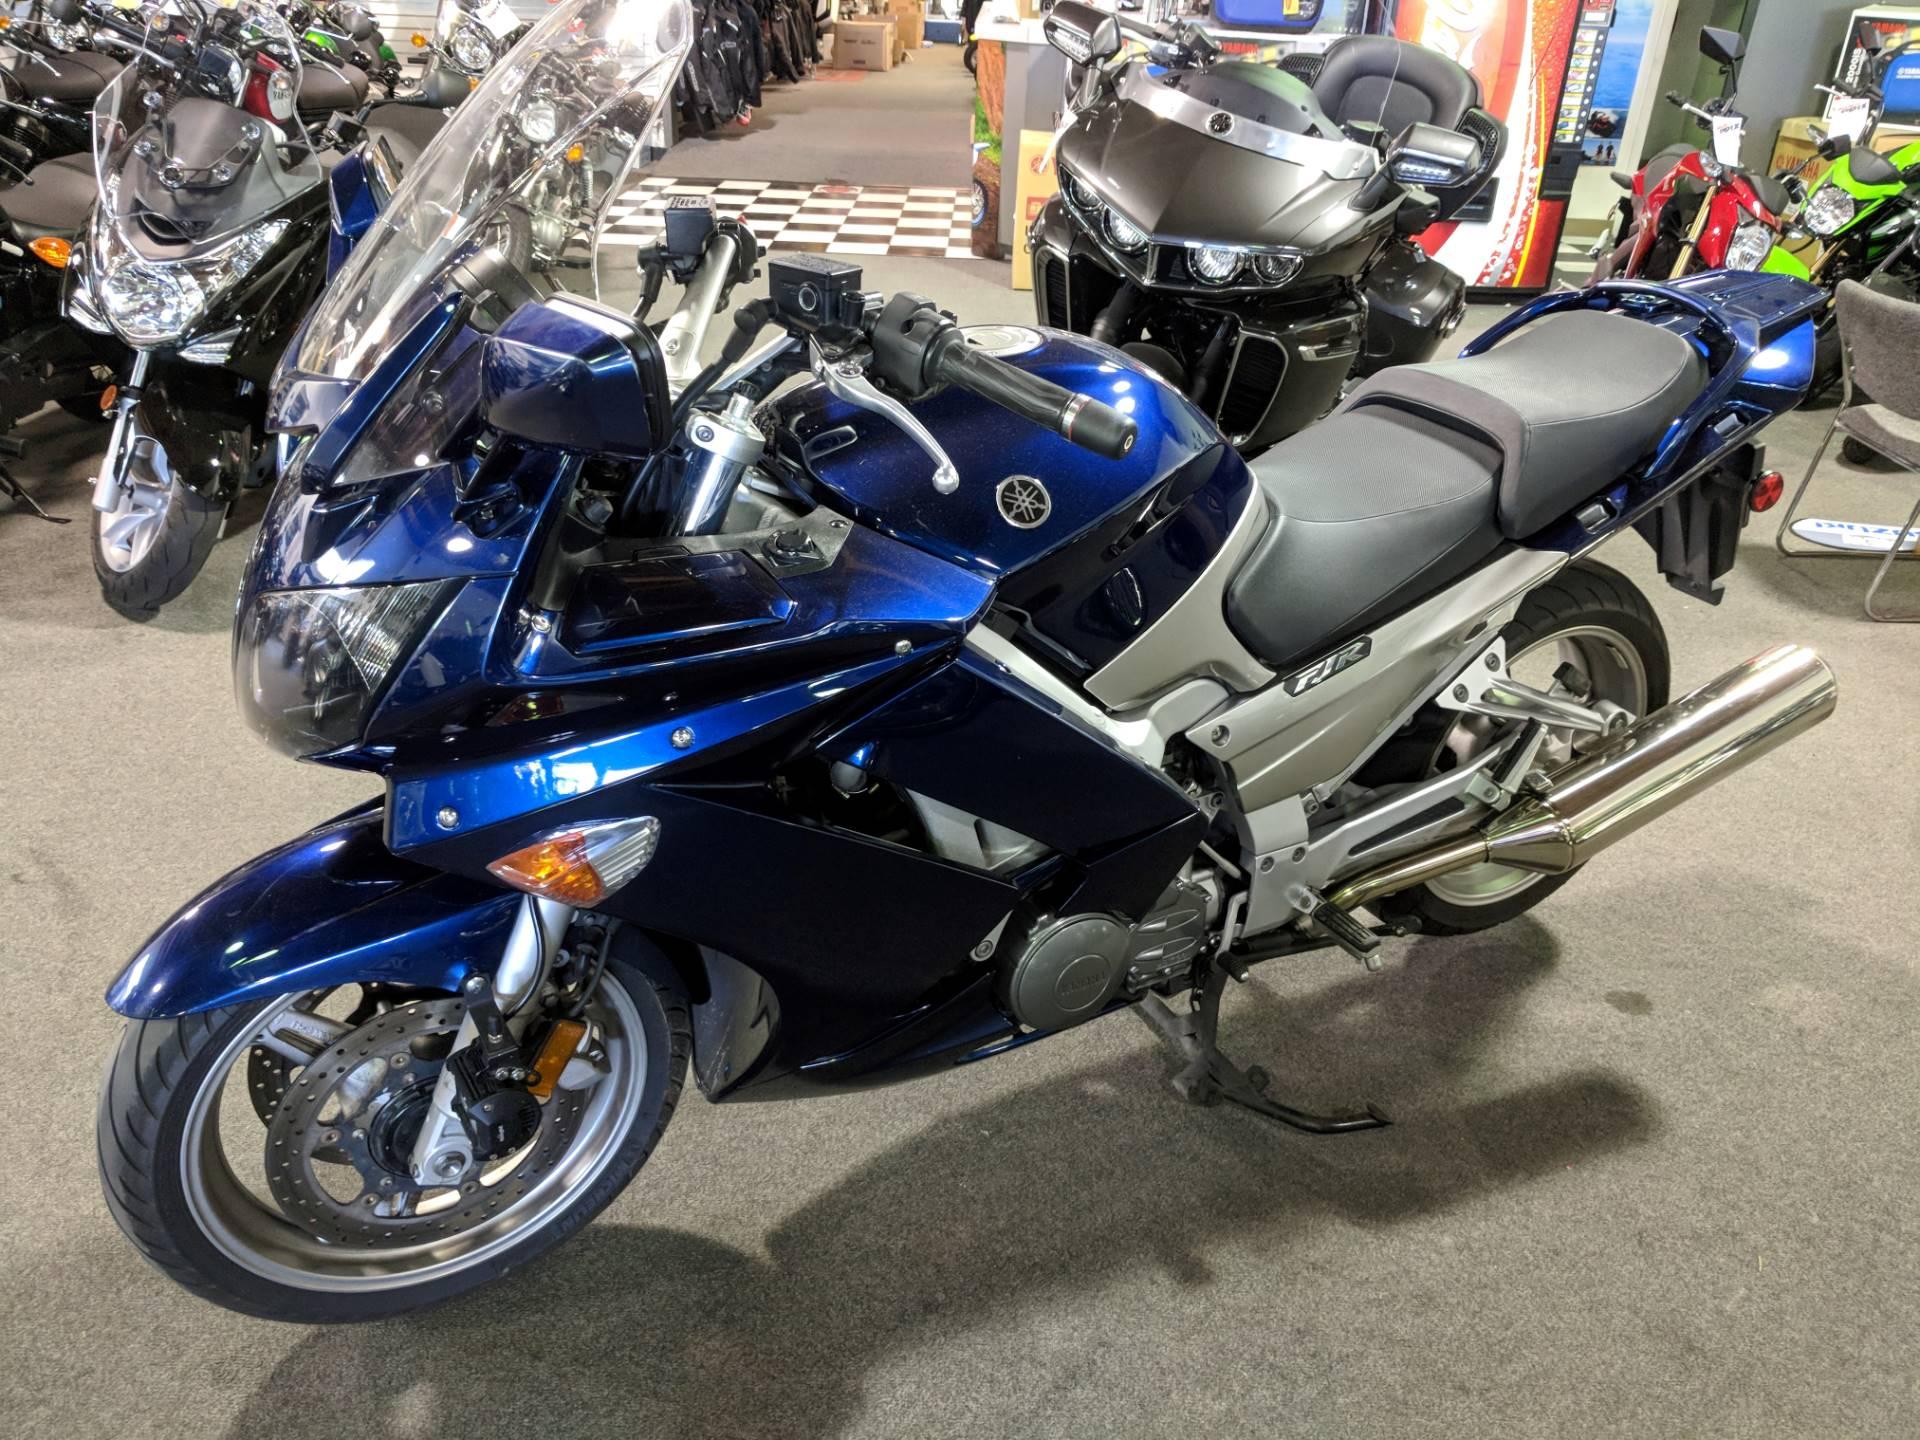 2012 Yamaha FJR1300A for sale 27815